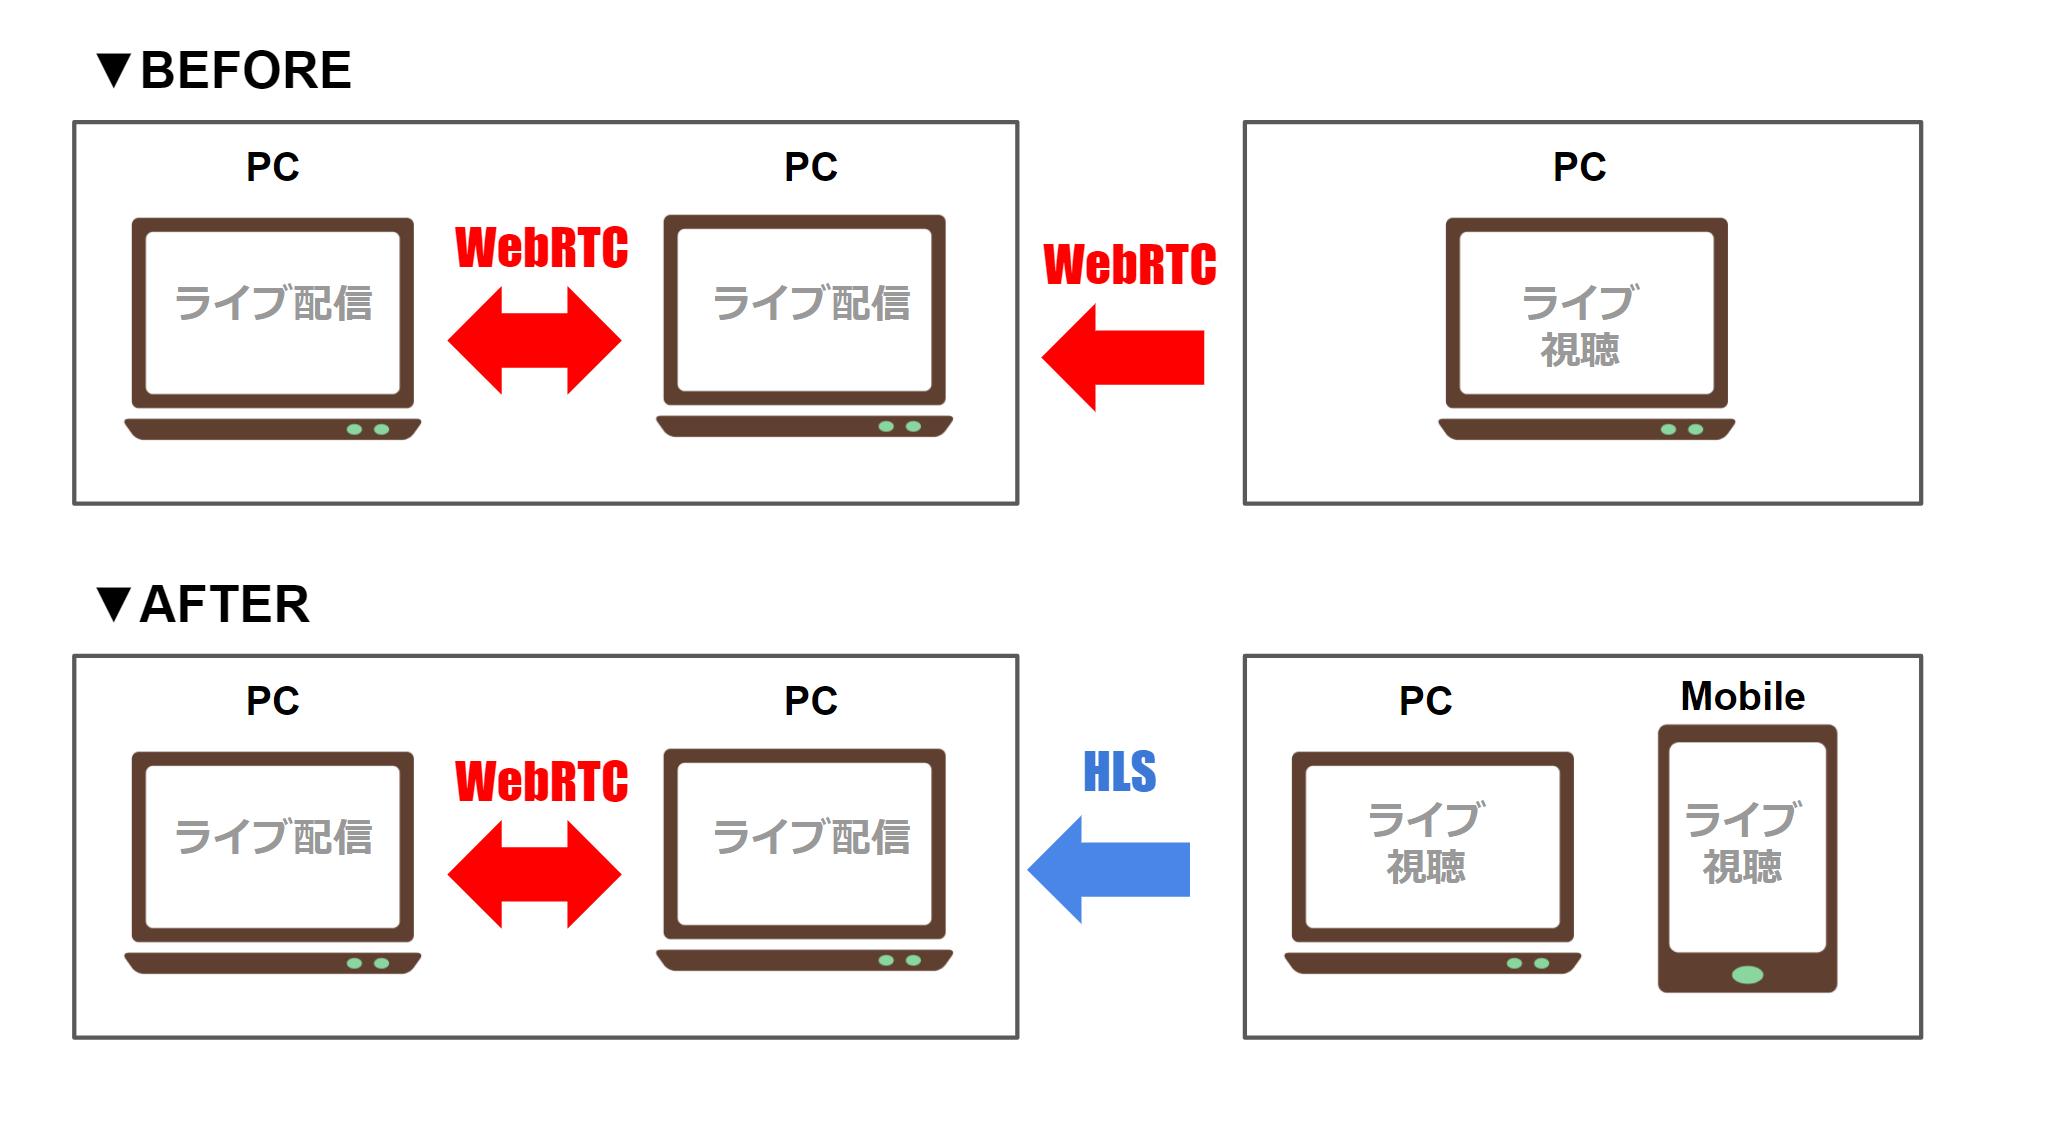 #pixivSketchからのお知らせ  pixiv Sketch 事務局です。 現在PC同士でのみの提供となっております「pixiv Sketch LIVE」に関しまして、近日中にモバイルブラウザ・pixivのモバイルアプリでの視聴に対応いたします。これにともない、ライブ視聴ユーザーへ提供する動画形式の変更を計画しております。 現在は「Web Real-Time Communication(以下、WebRTC)」という低遅延で高画質な形式で提供しておりますが、この形式ではモバイルブラウザ・モバイルアプリへの大規模な配信は困難な状態です。 そこで、遅延や画質の面では劣りますが、より多くの人がより多くの環境で視聴可能な「HTTP Live Streaming(以下、HLS)」という形式への一部移行を計画しております。 ライブの配信者間同士については、従来通りWebRTCを採用いたしますので配信および視聴体験に変化は一切ございません。 ライブの視聴者については、新形式であるHLSを採用するため動画の遅延や画質低下などの現象が見込まれます。 ご利用のユーザー様にはご迷惑をお掛けいたしますが、ご理解、ご了承いただけますようお願い申し上げます。